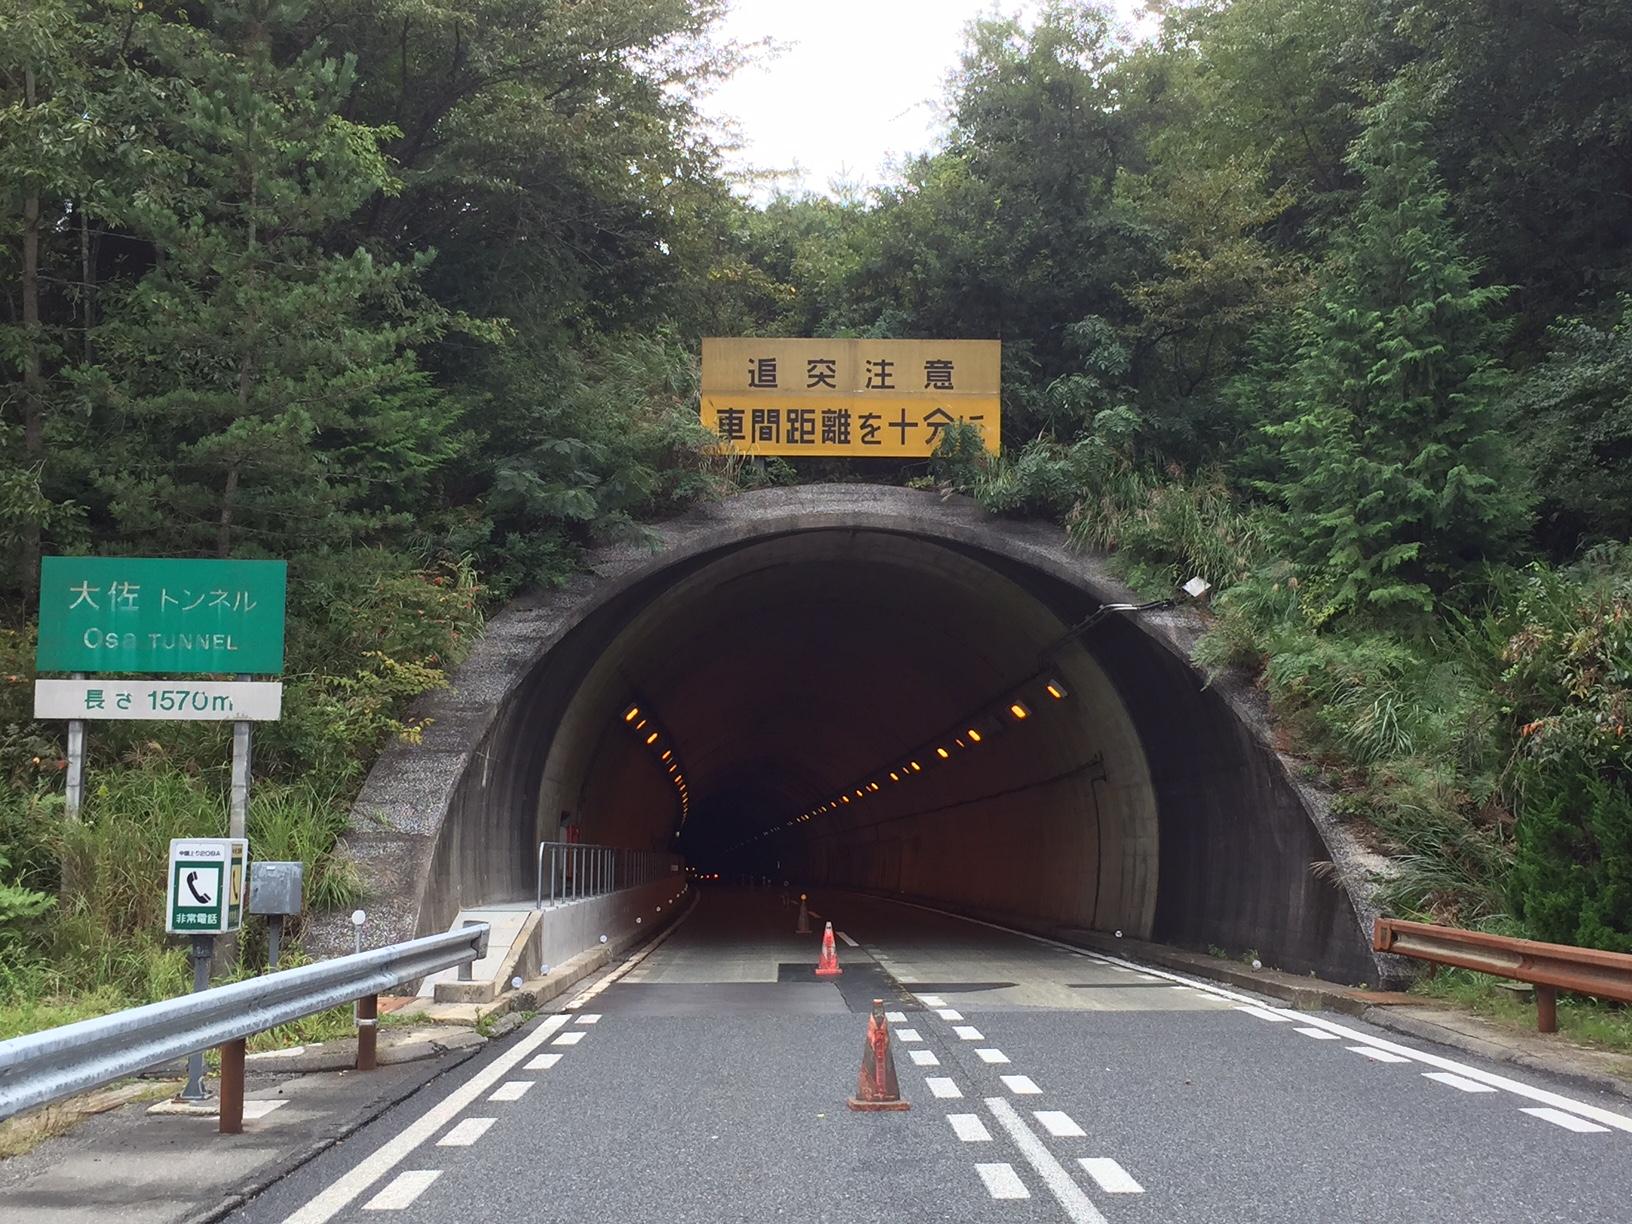 中国自動車 大佐トンネル(上り線)監視員通路補修工事 竣工